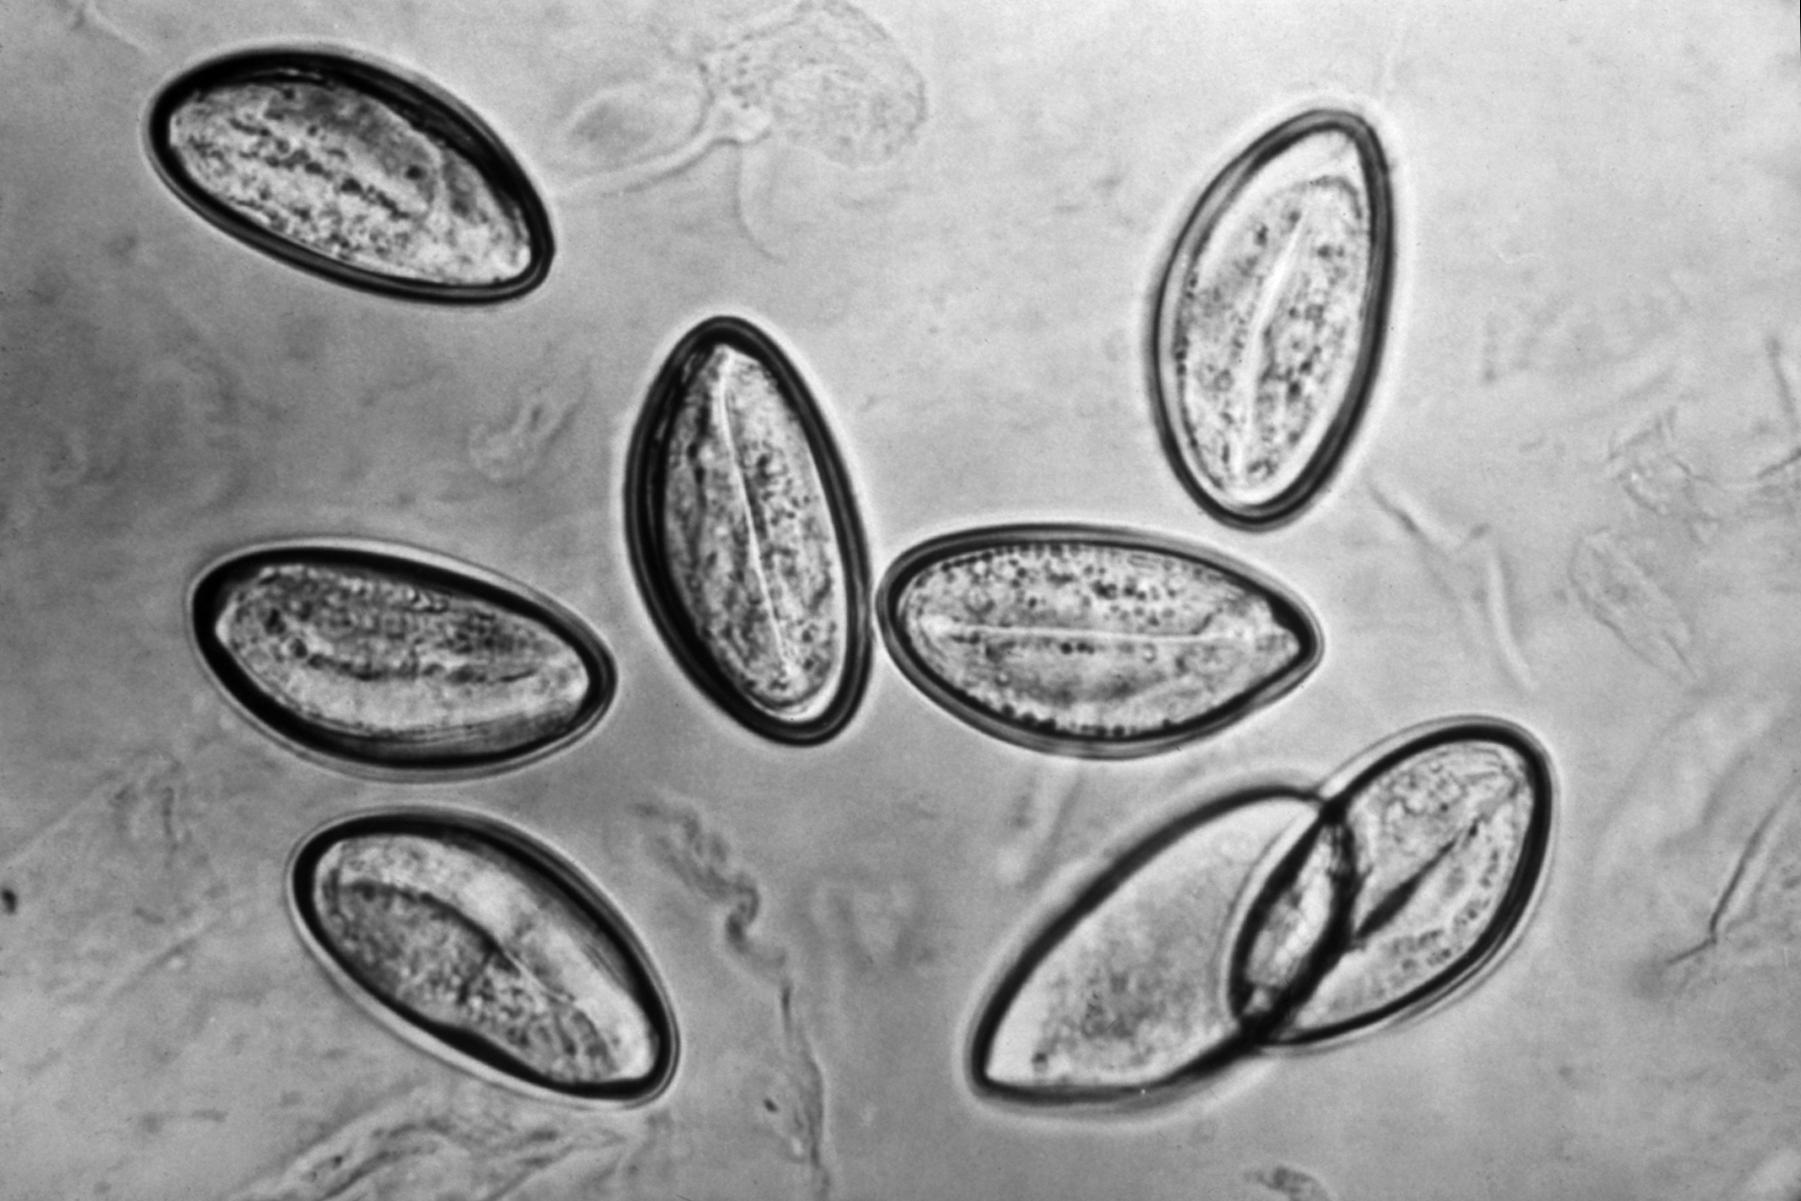 enterobius vermicularis urine)